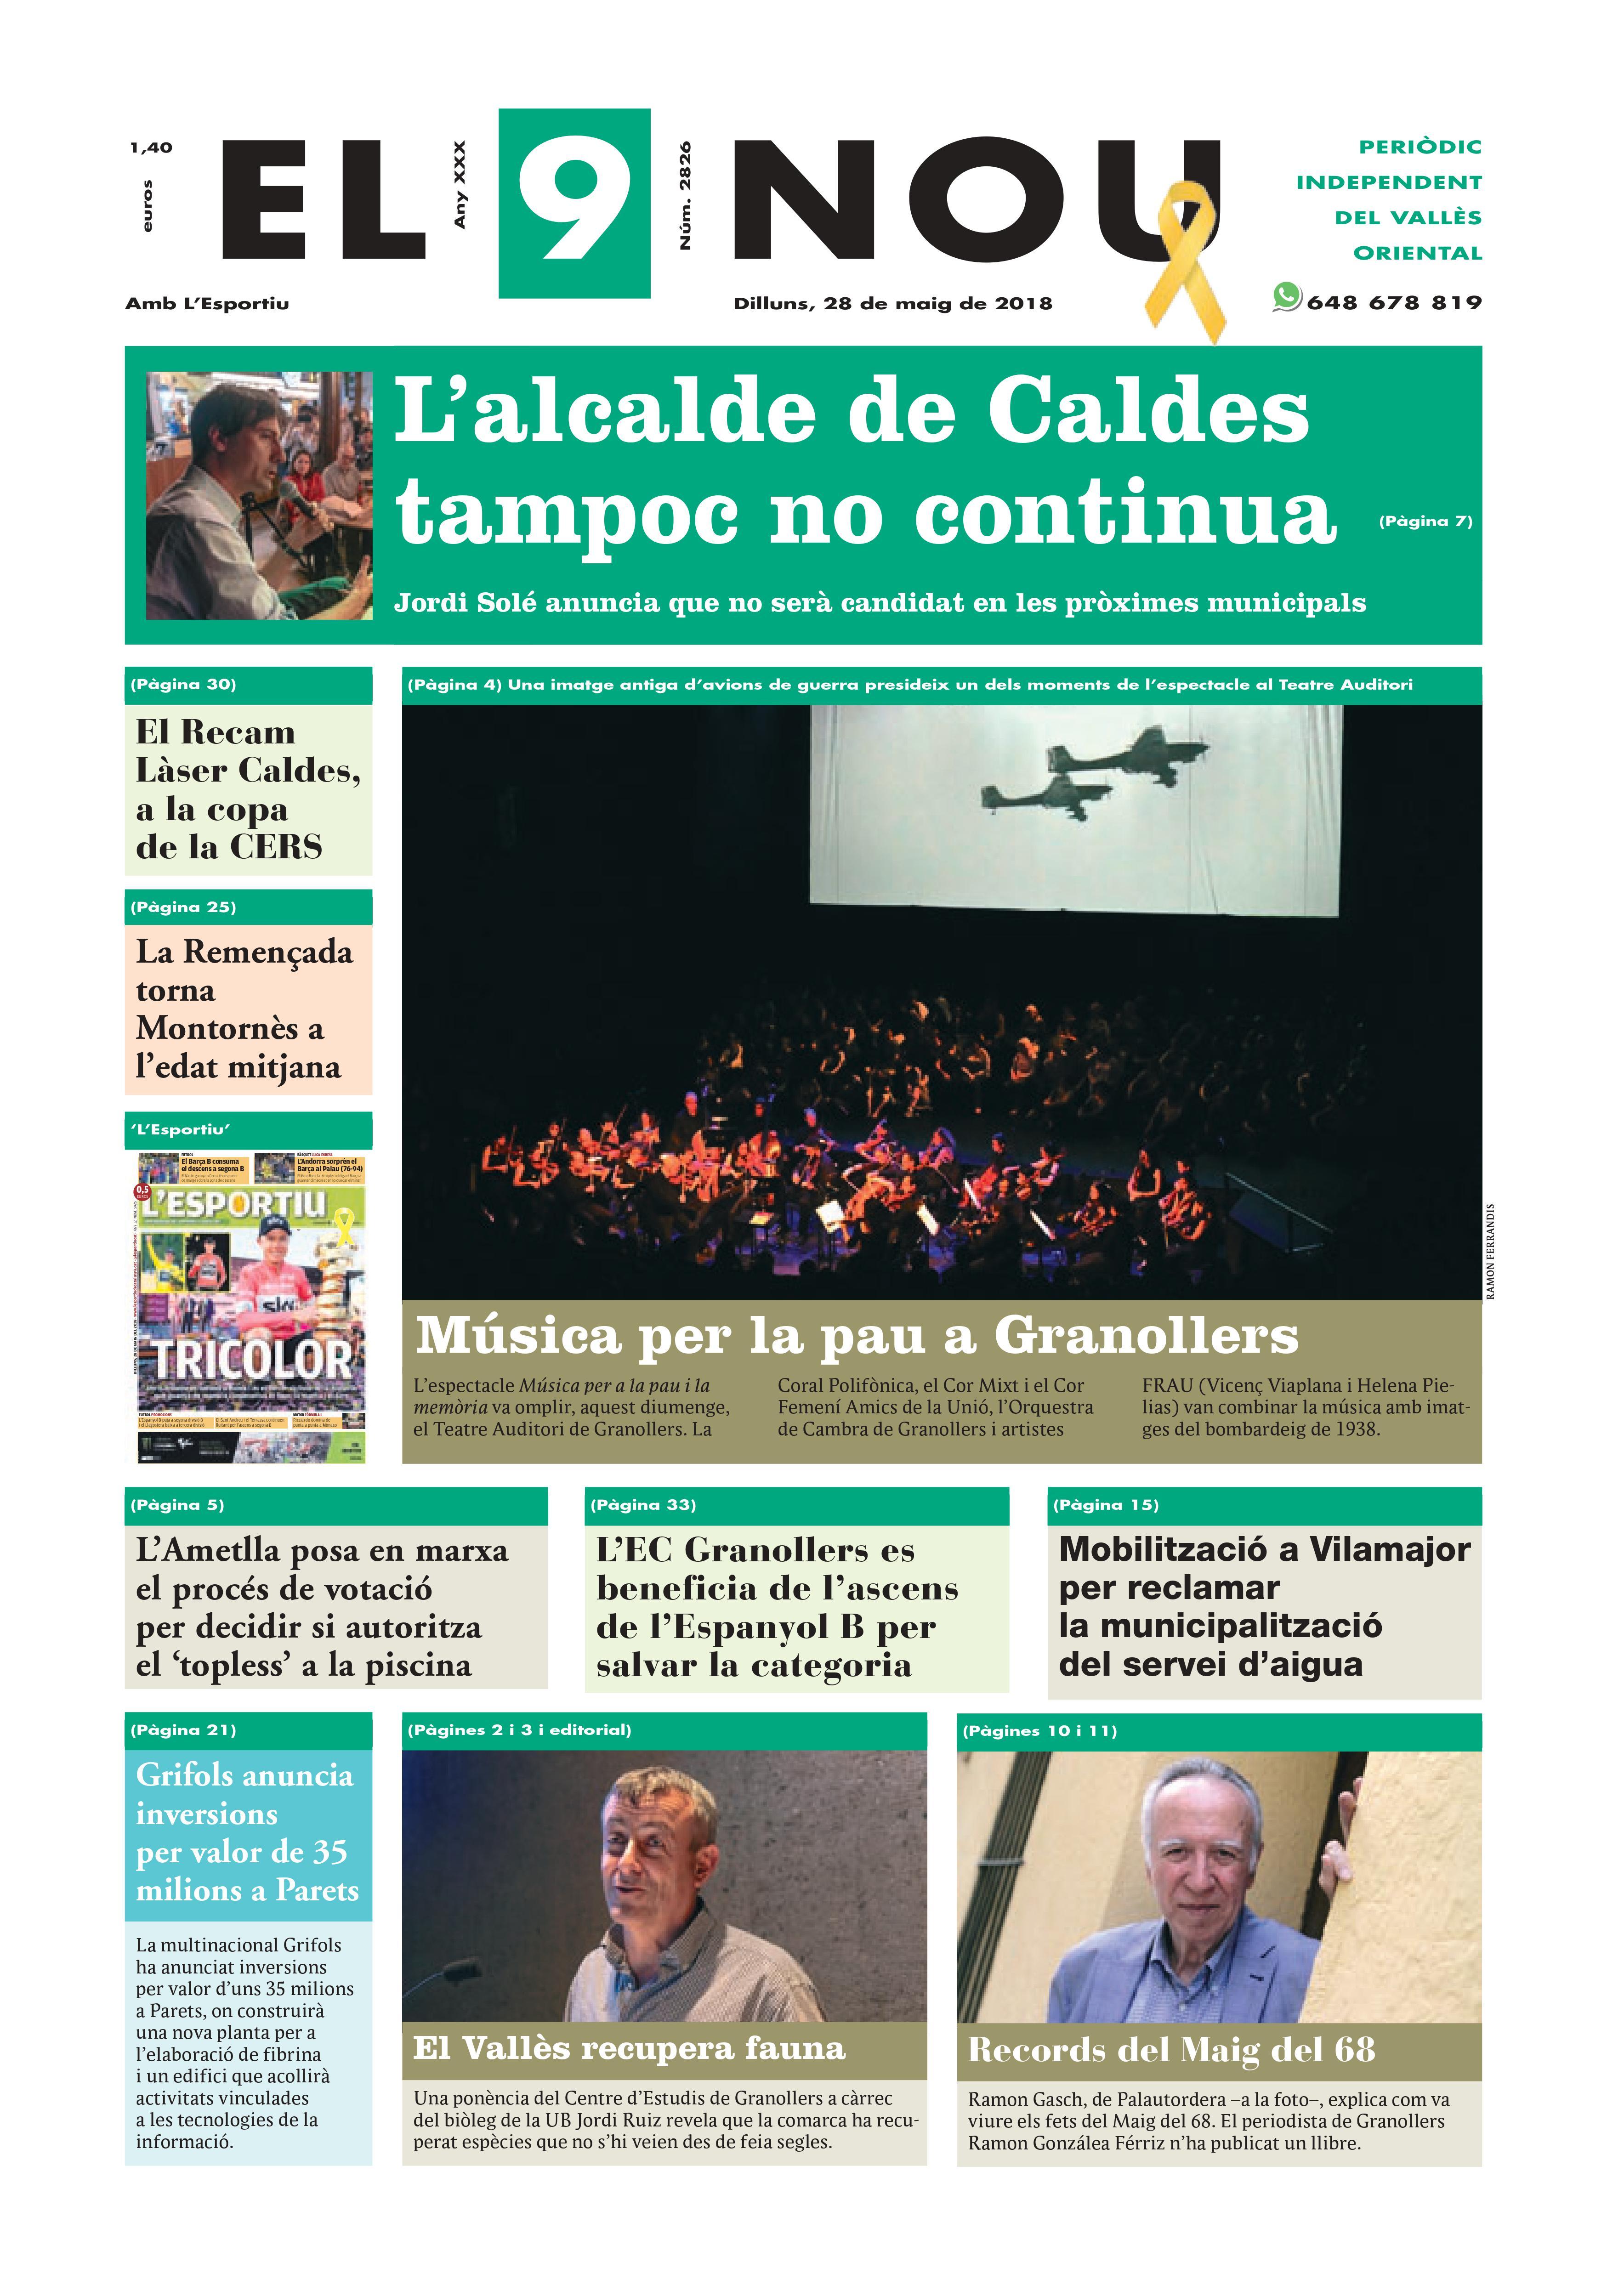 Primera plana EL 9 NOU 28_05_18 Vallès